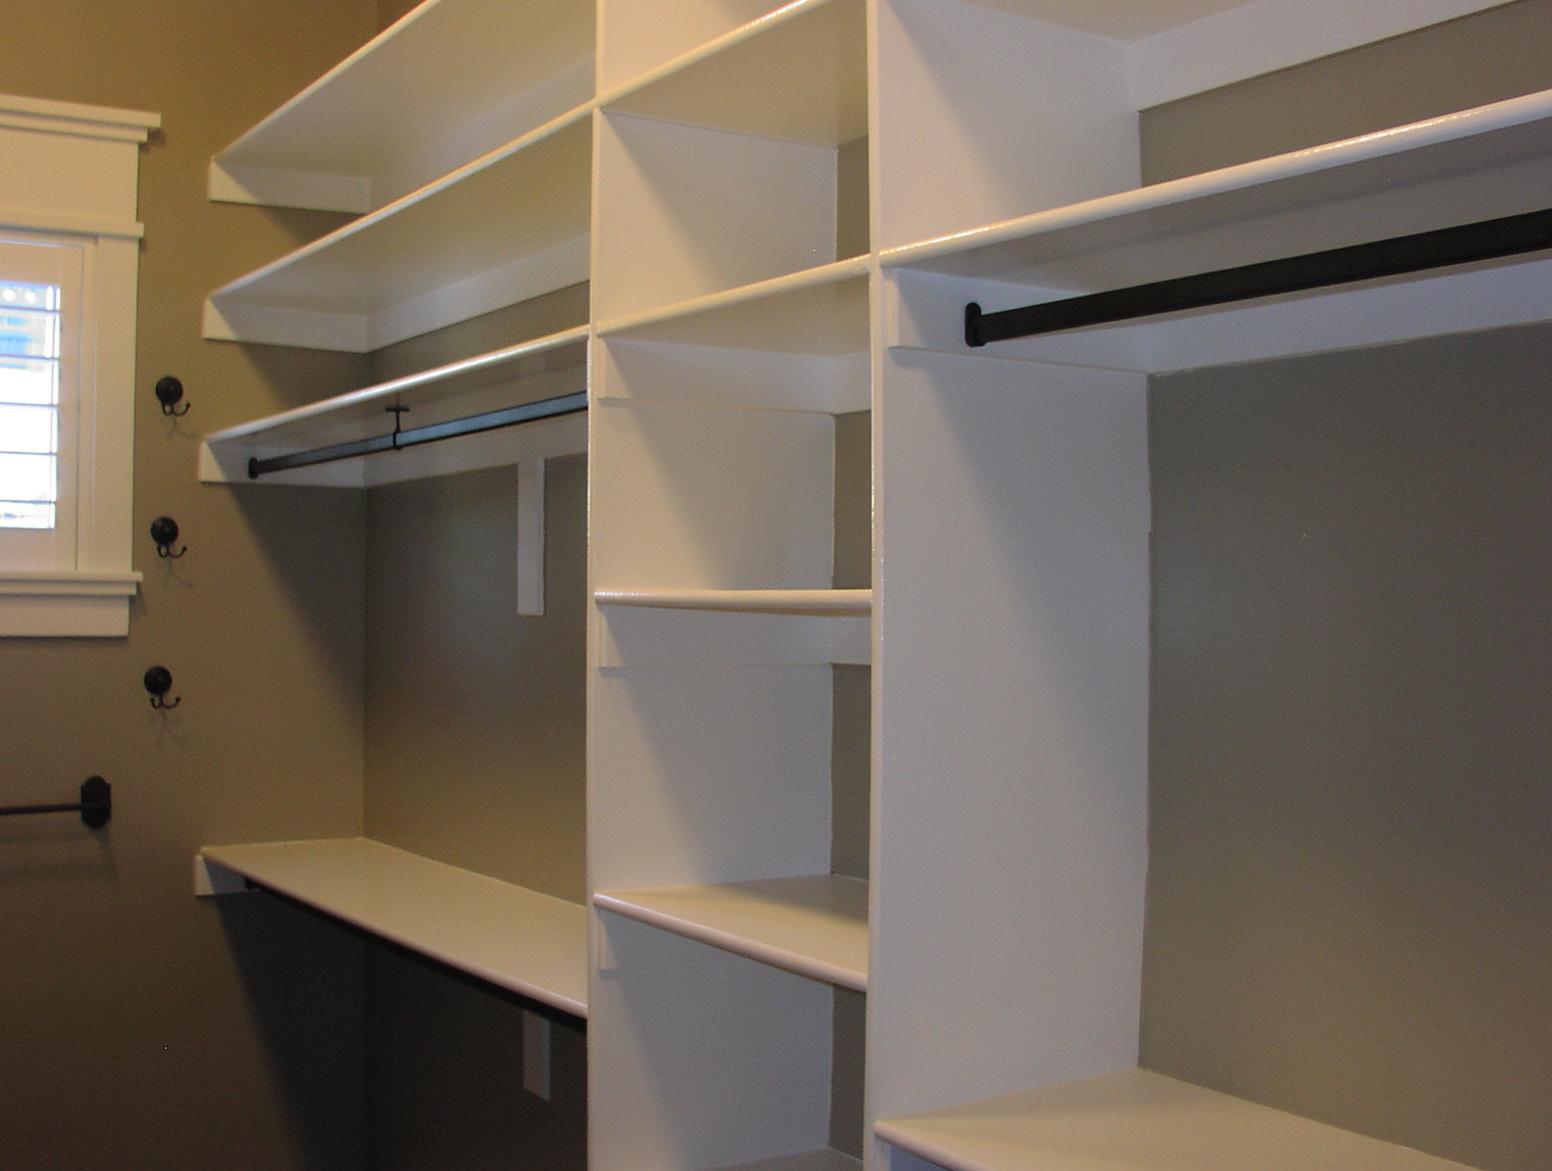 closet built ins ideas home design ideas Drawers Built in Closet built in closet cabinets ikea